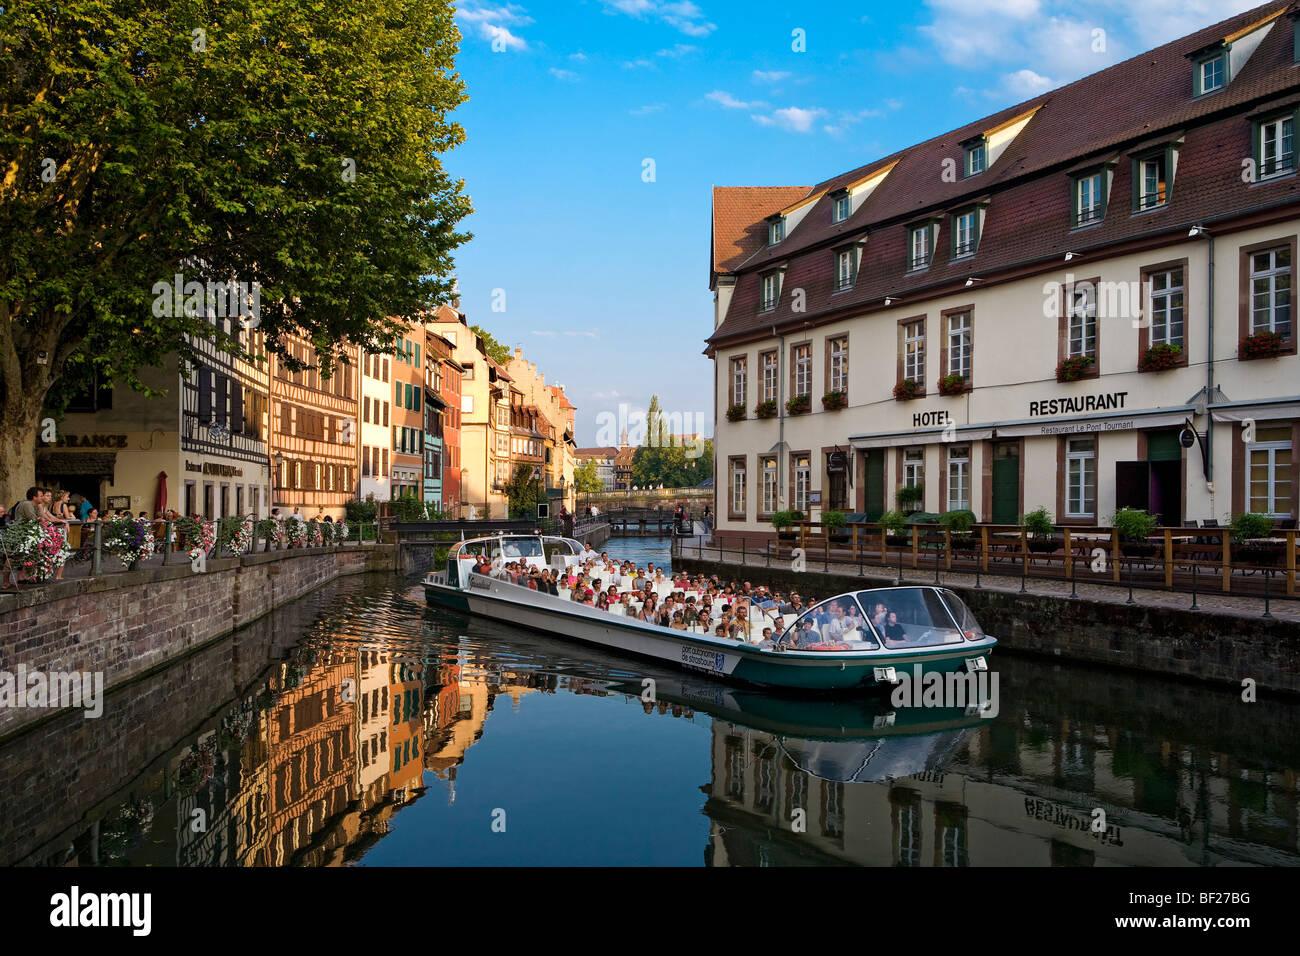 Viaje en barco por el río, el barrio de La Petite France, Estrasburgo, Alsacia, Francia Imagen De Stock